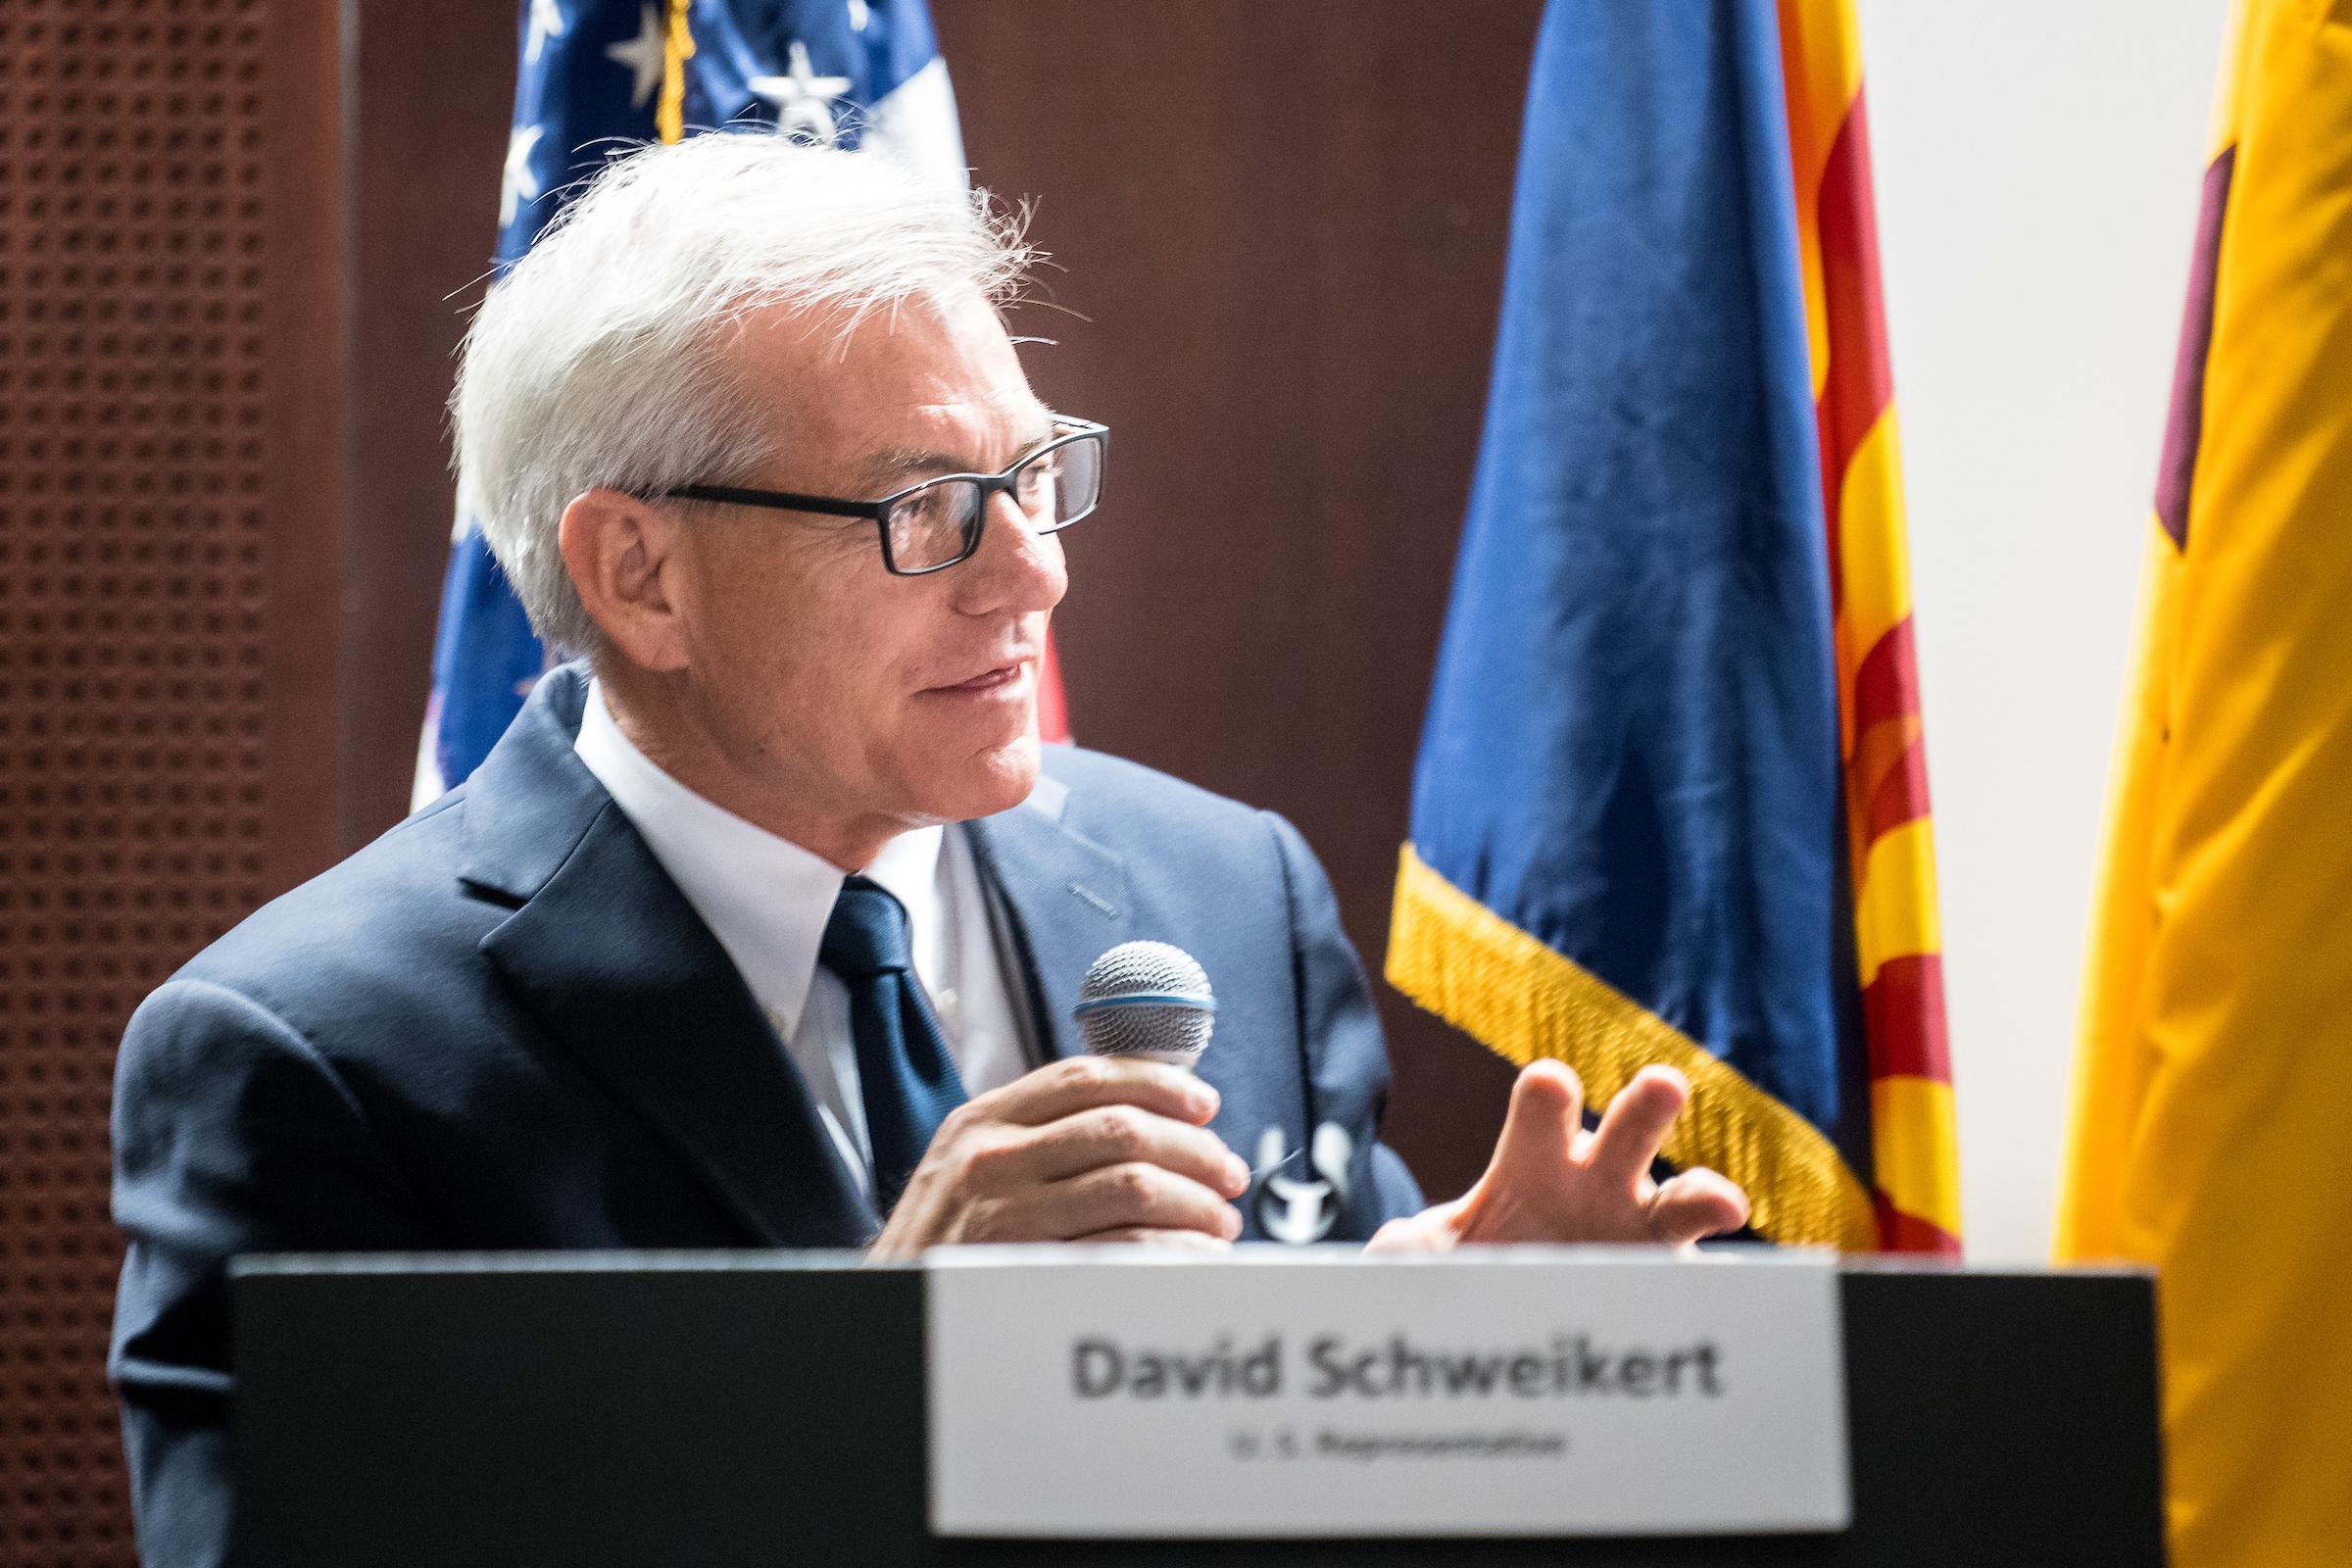 U.S. Rep David Schweikert